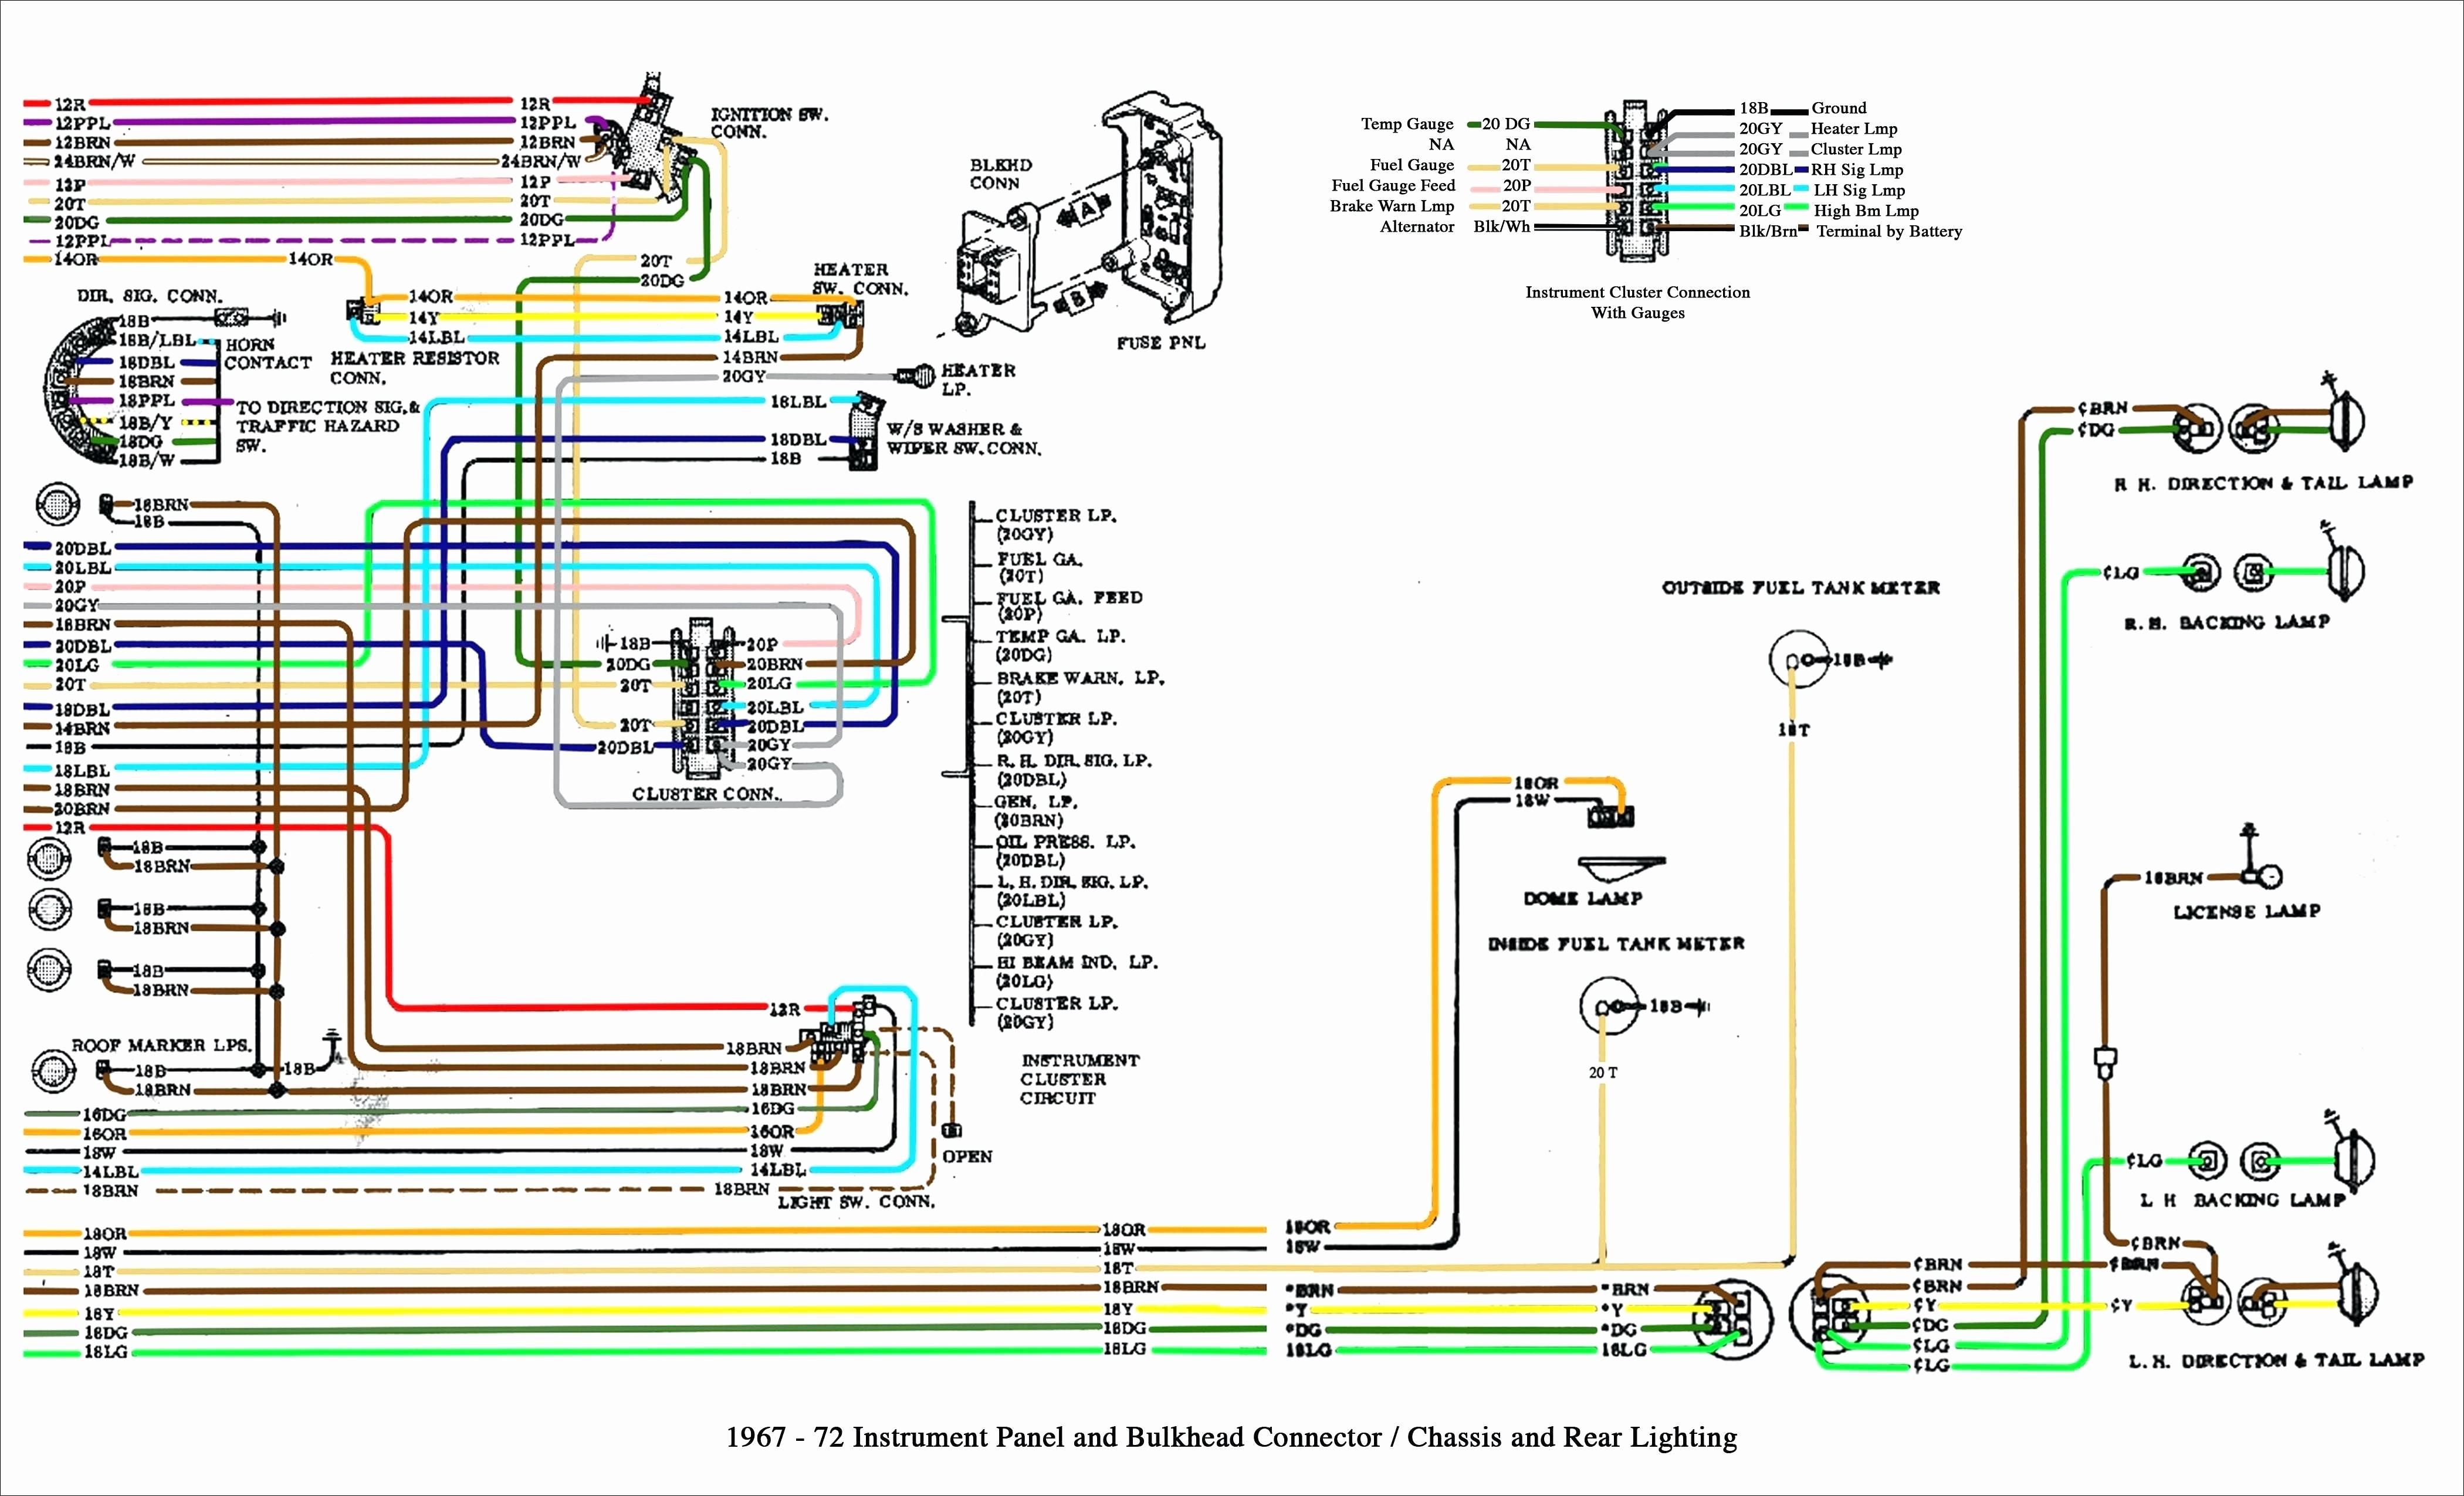 06 Silverado Tail Light Wiring Diagram - Cushman Fuel Filter for Wiring  Diagram SchematicsWiring Diagram Schematics